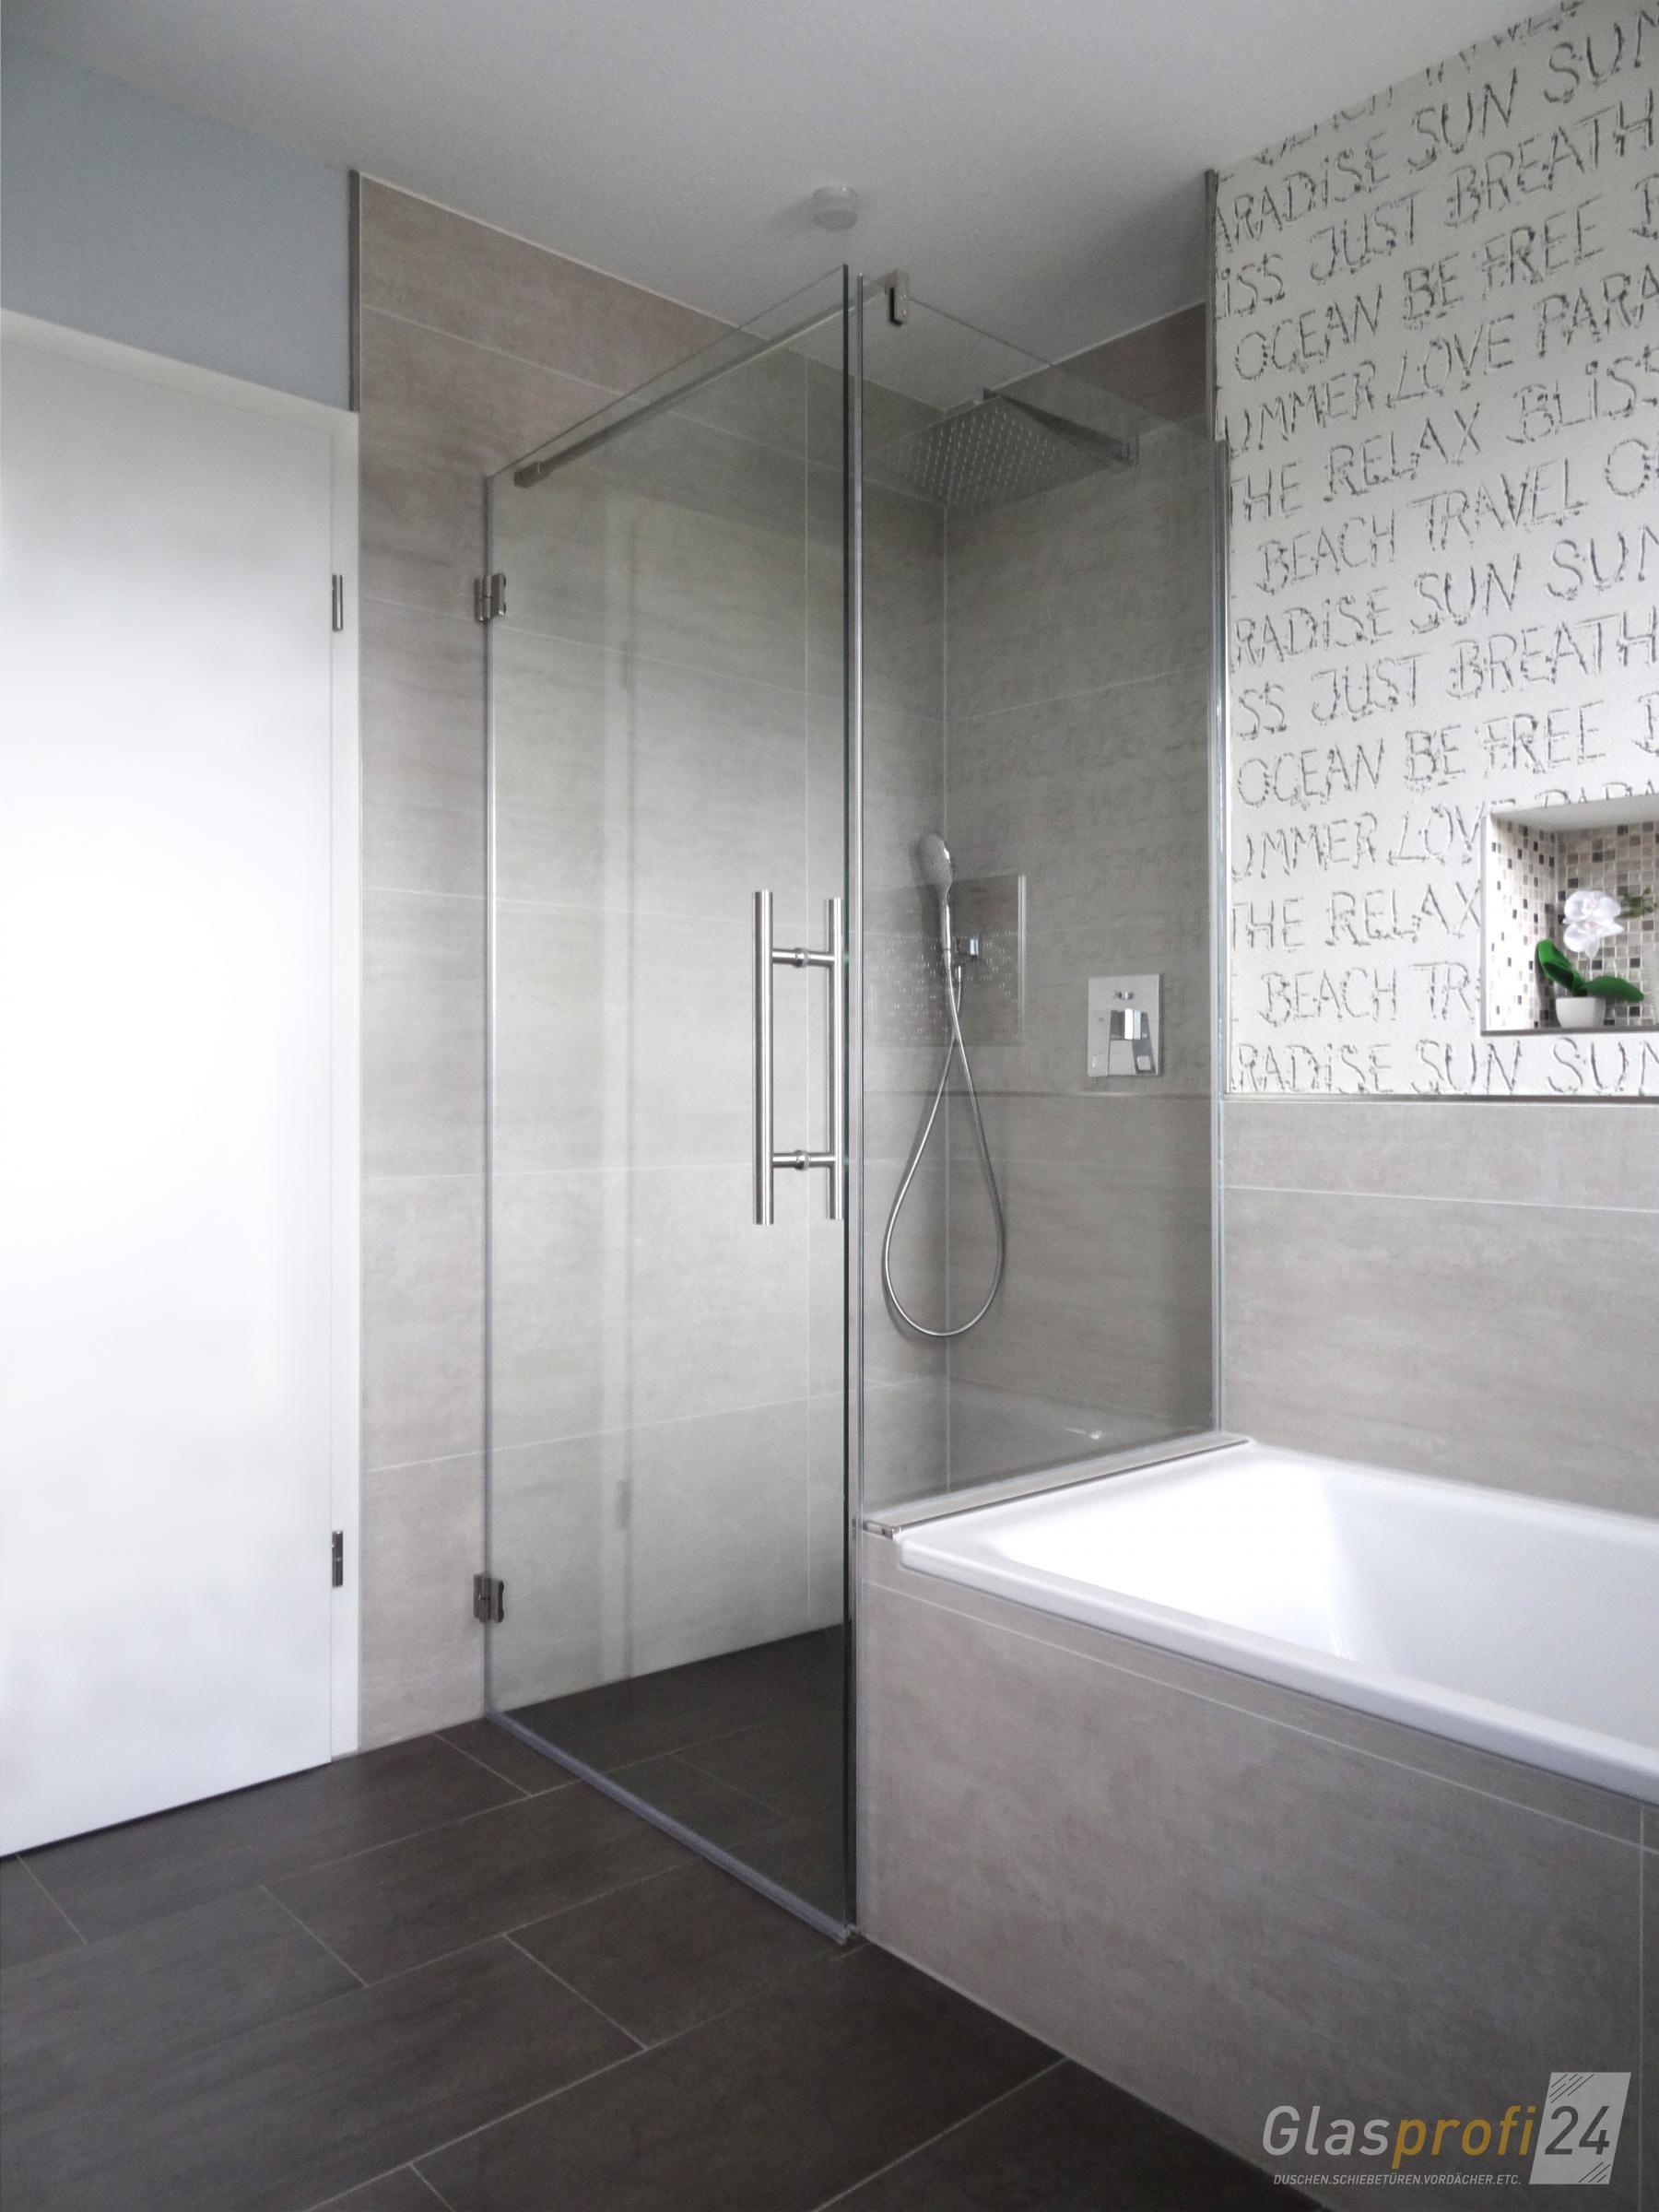 Duschkabine An Badewanne 90x90 Eckduschen Badewanne Mit Dusche